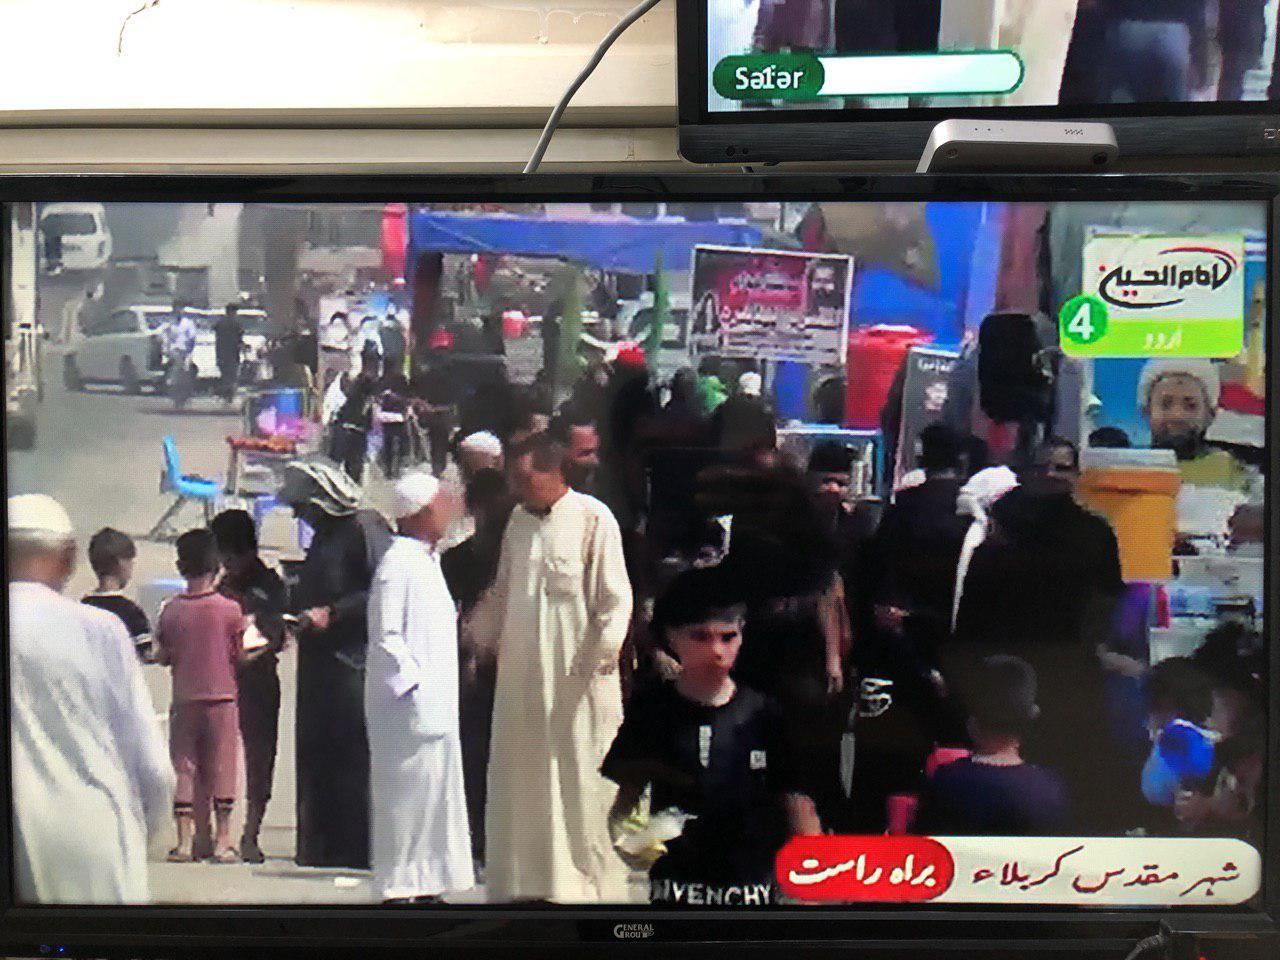 تصویر آغاز پخش زنده پیاده روی اربعین حسینی 1441 از شبکه های تلویزیونی مجموعه رسانه ای امام حسین علیه السلام